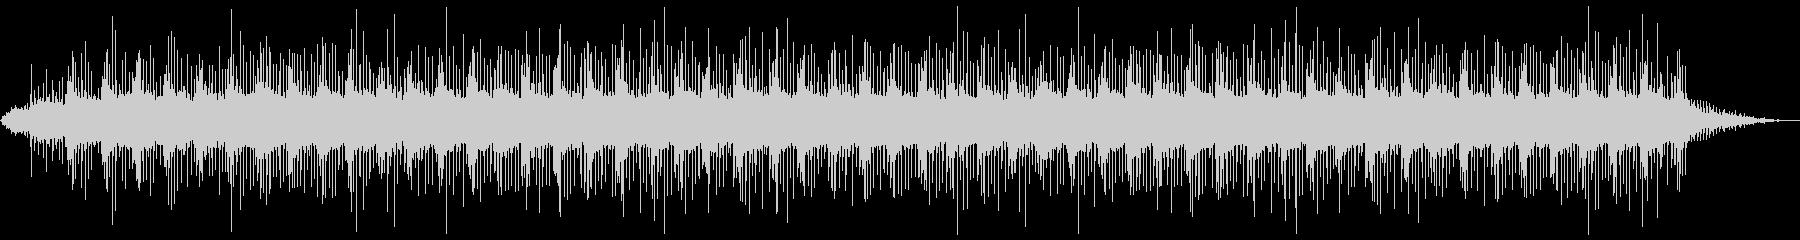 ラチェットローンスプリンクラー:O...の未再生の波形